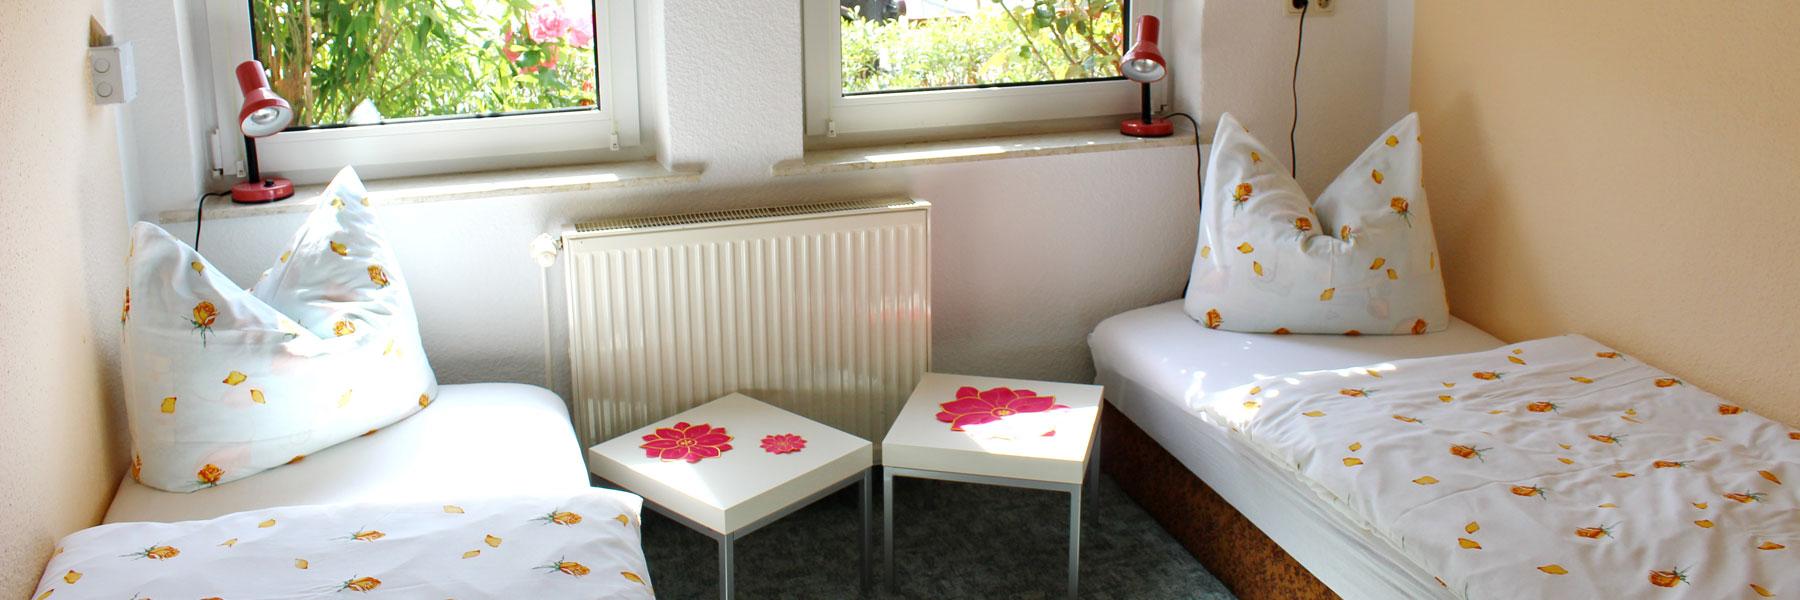 Kinderzimmer - Ferienwohnung Hahn